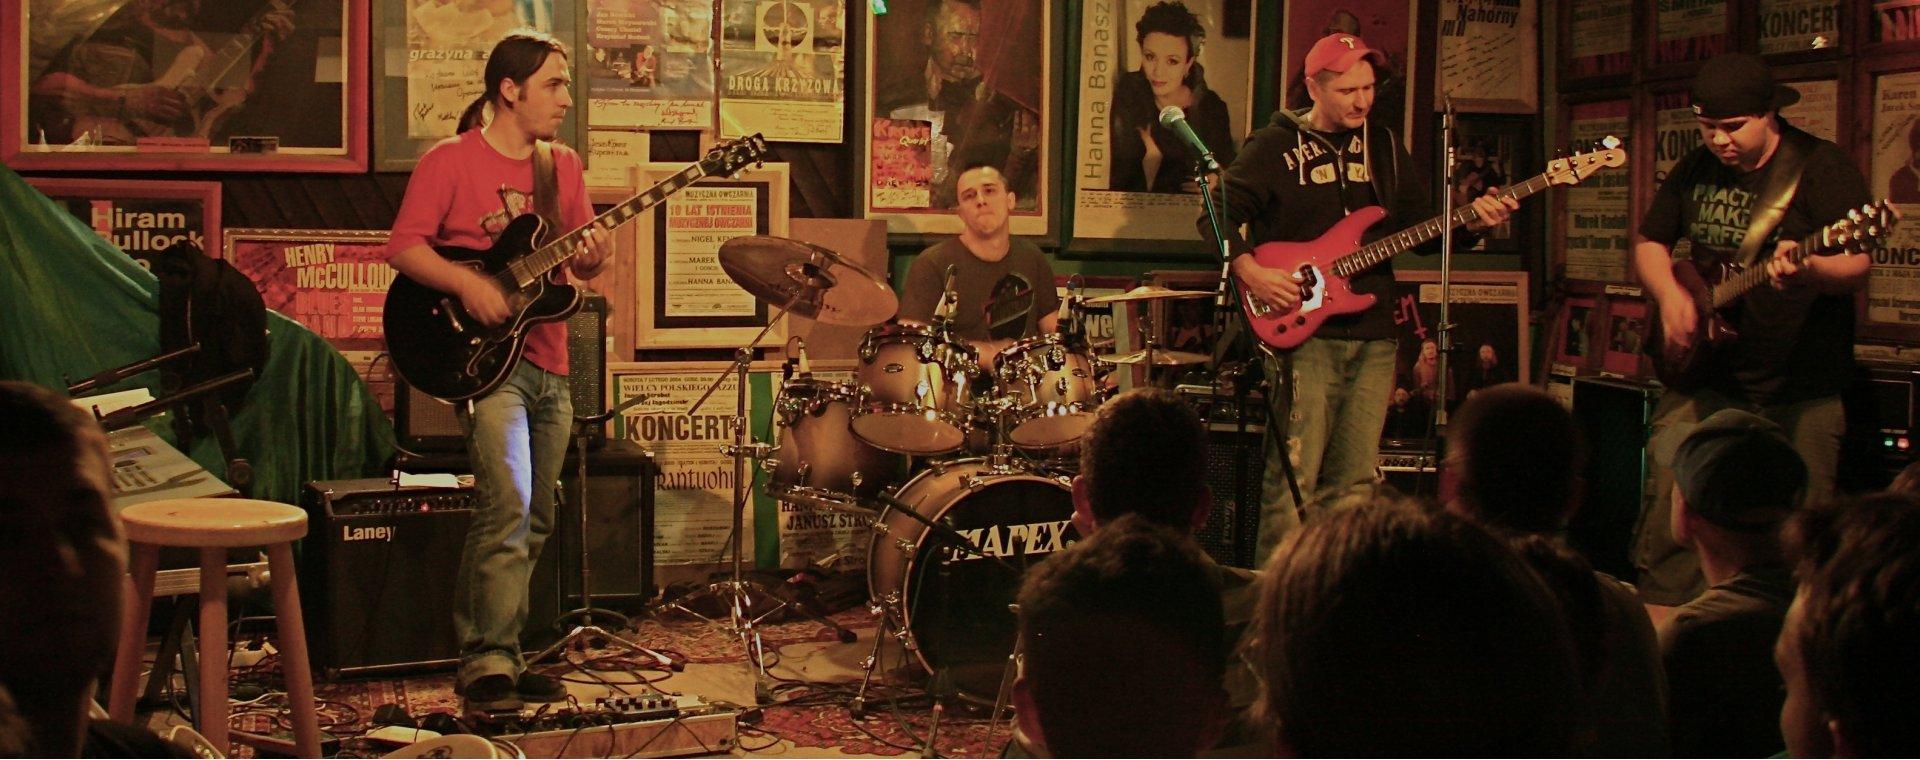 Muzyczna Owczarnia live music club